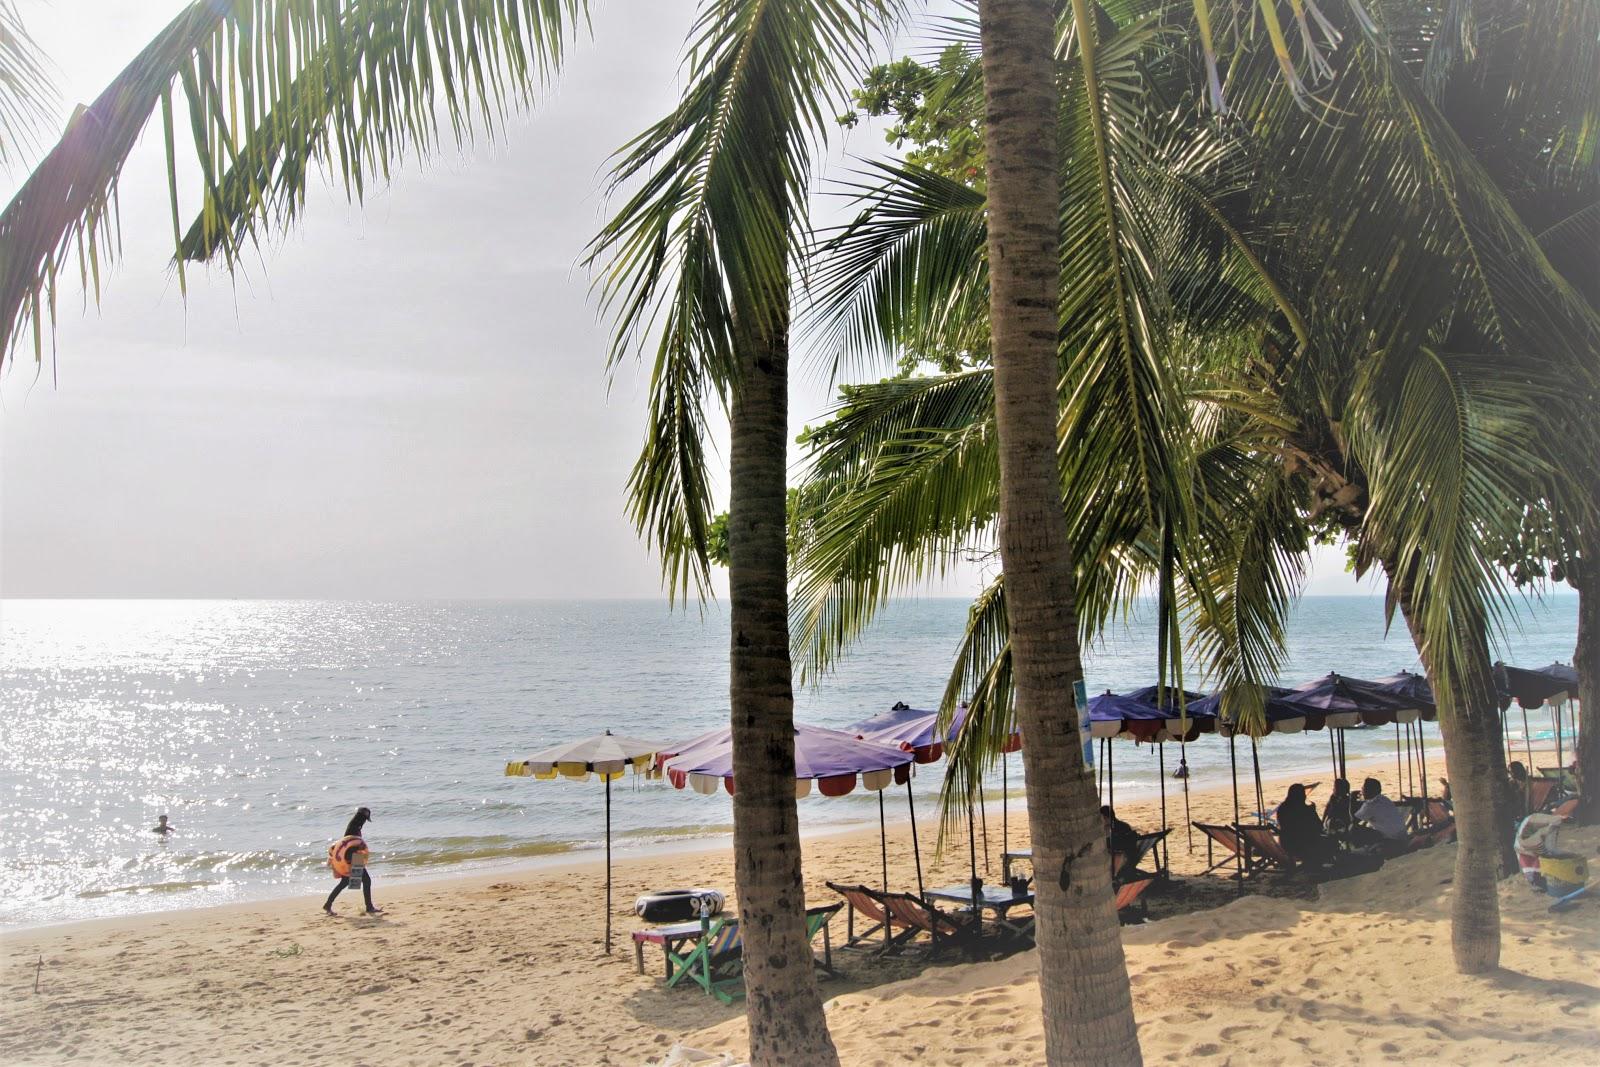 Egzotyka w wersji light - błogie lenistwo w Pattaya i na wyspie koralowej Koh Larn